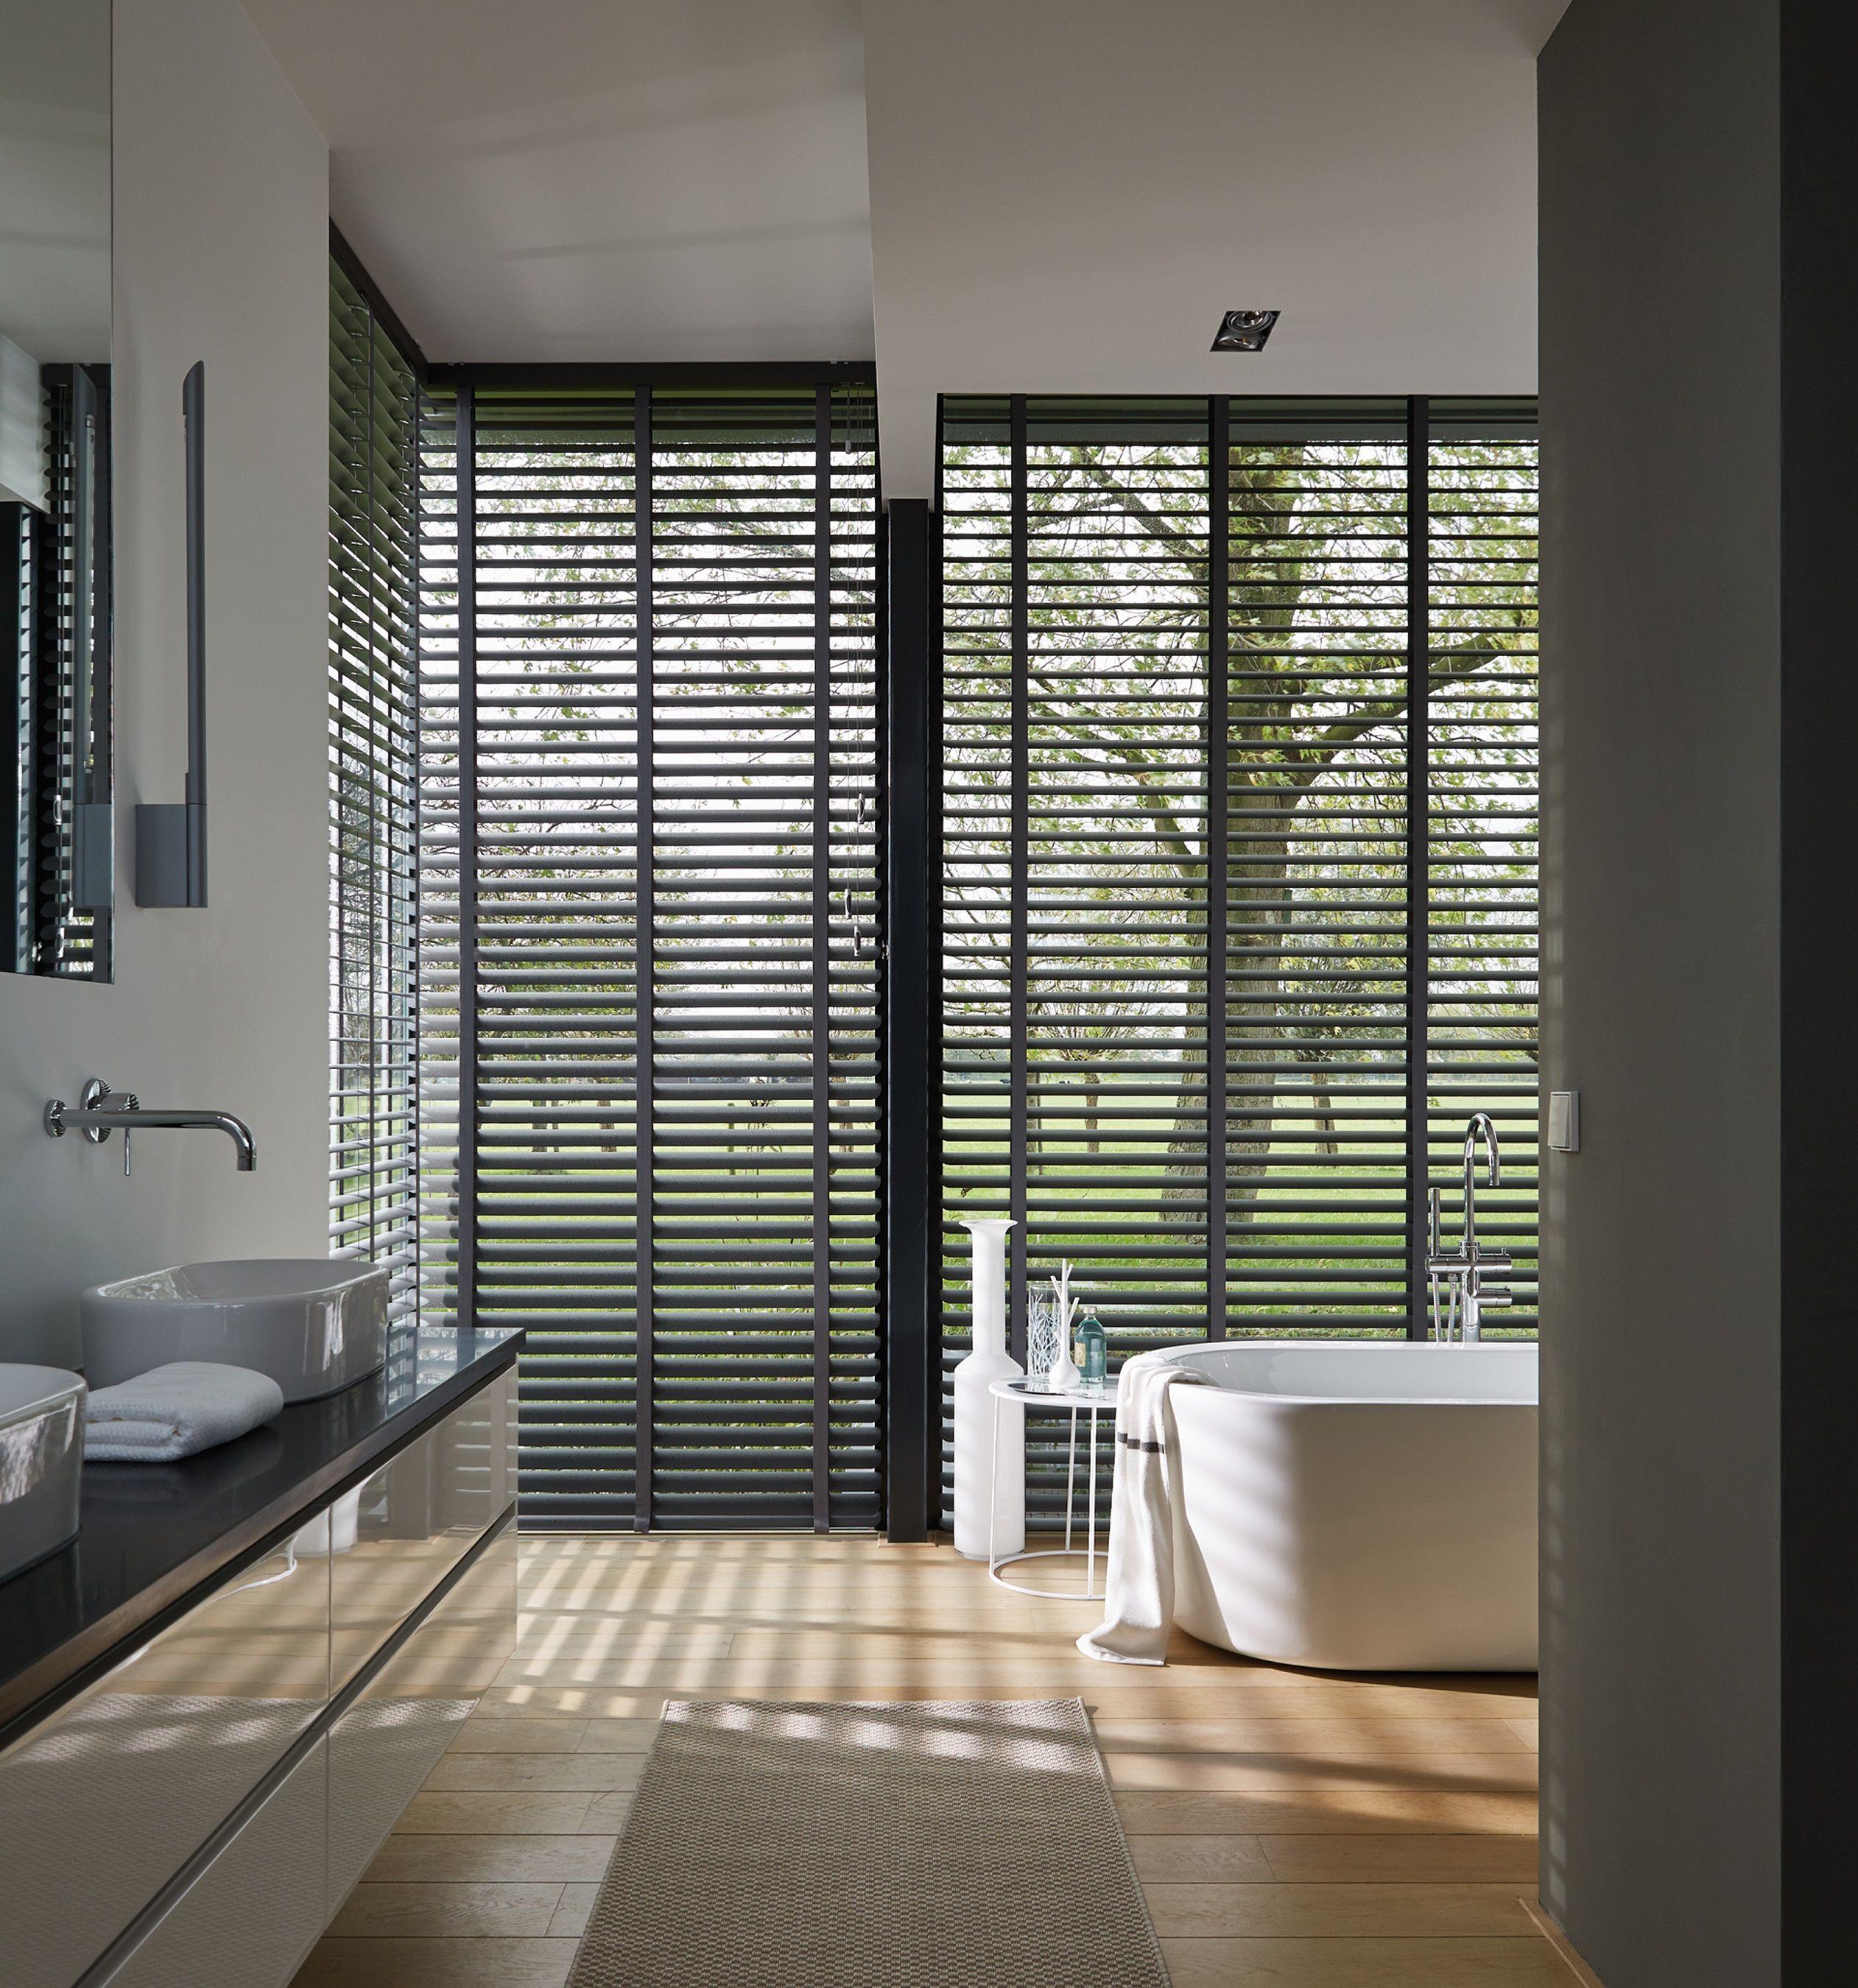 Jalousie Leha Badezimmer Pinned By Www Wagner Fenster At Badezimmer Fenster Ideen Haus Jalousien Fensterrollos